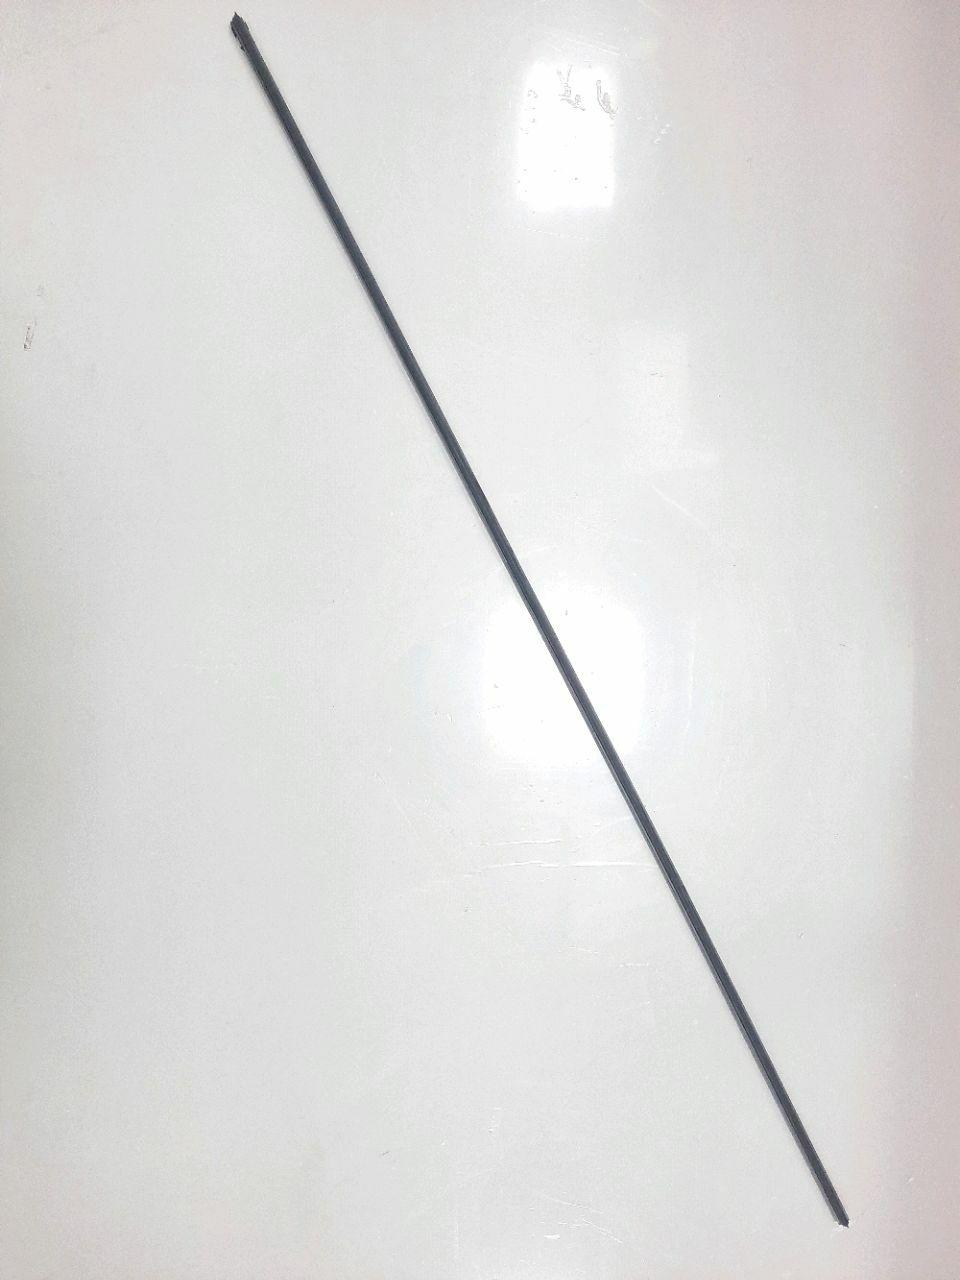 Lame cauciuc p/u ştergătoare de parbriz 100cm ALCA